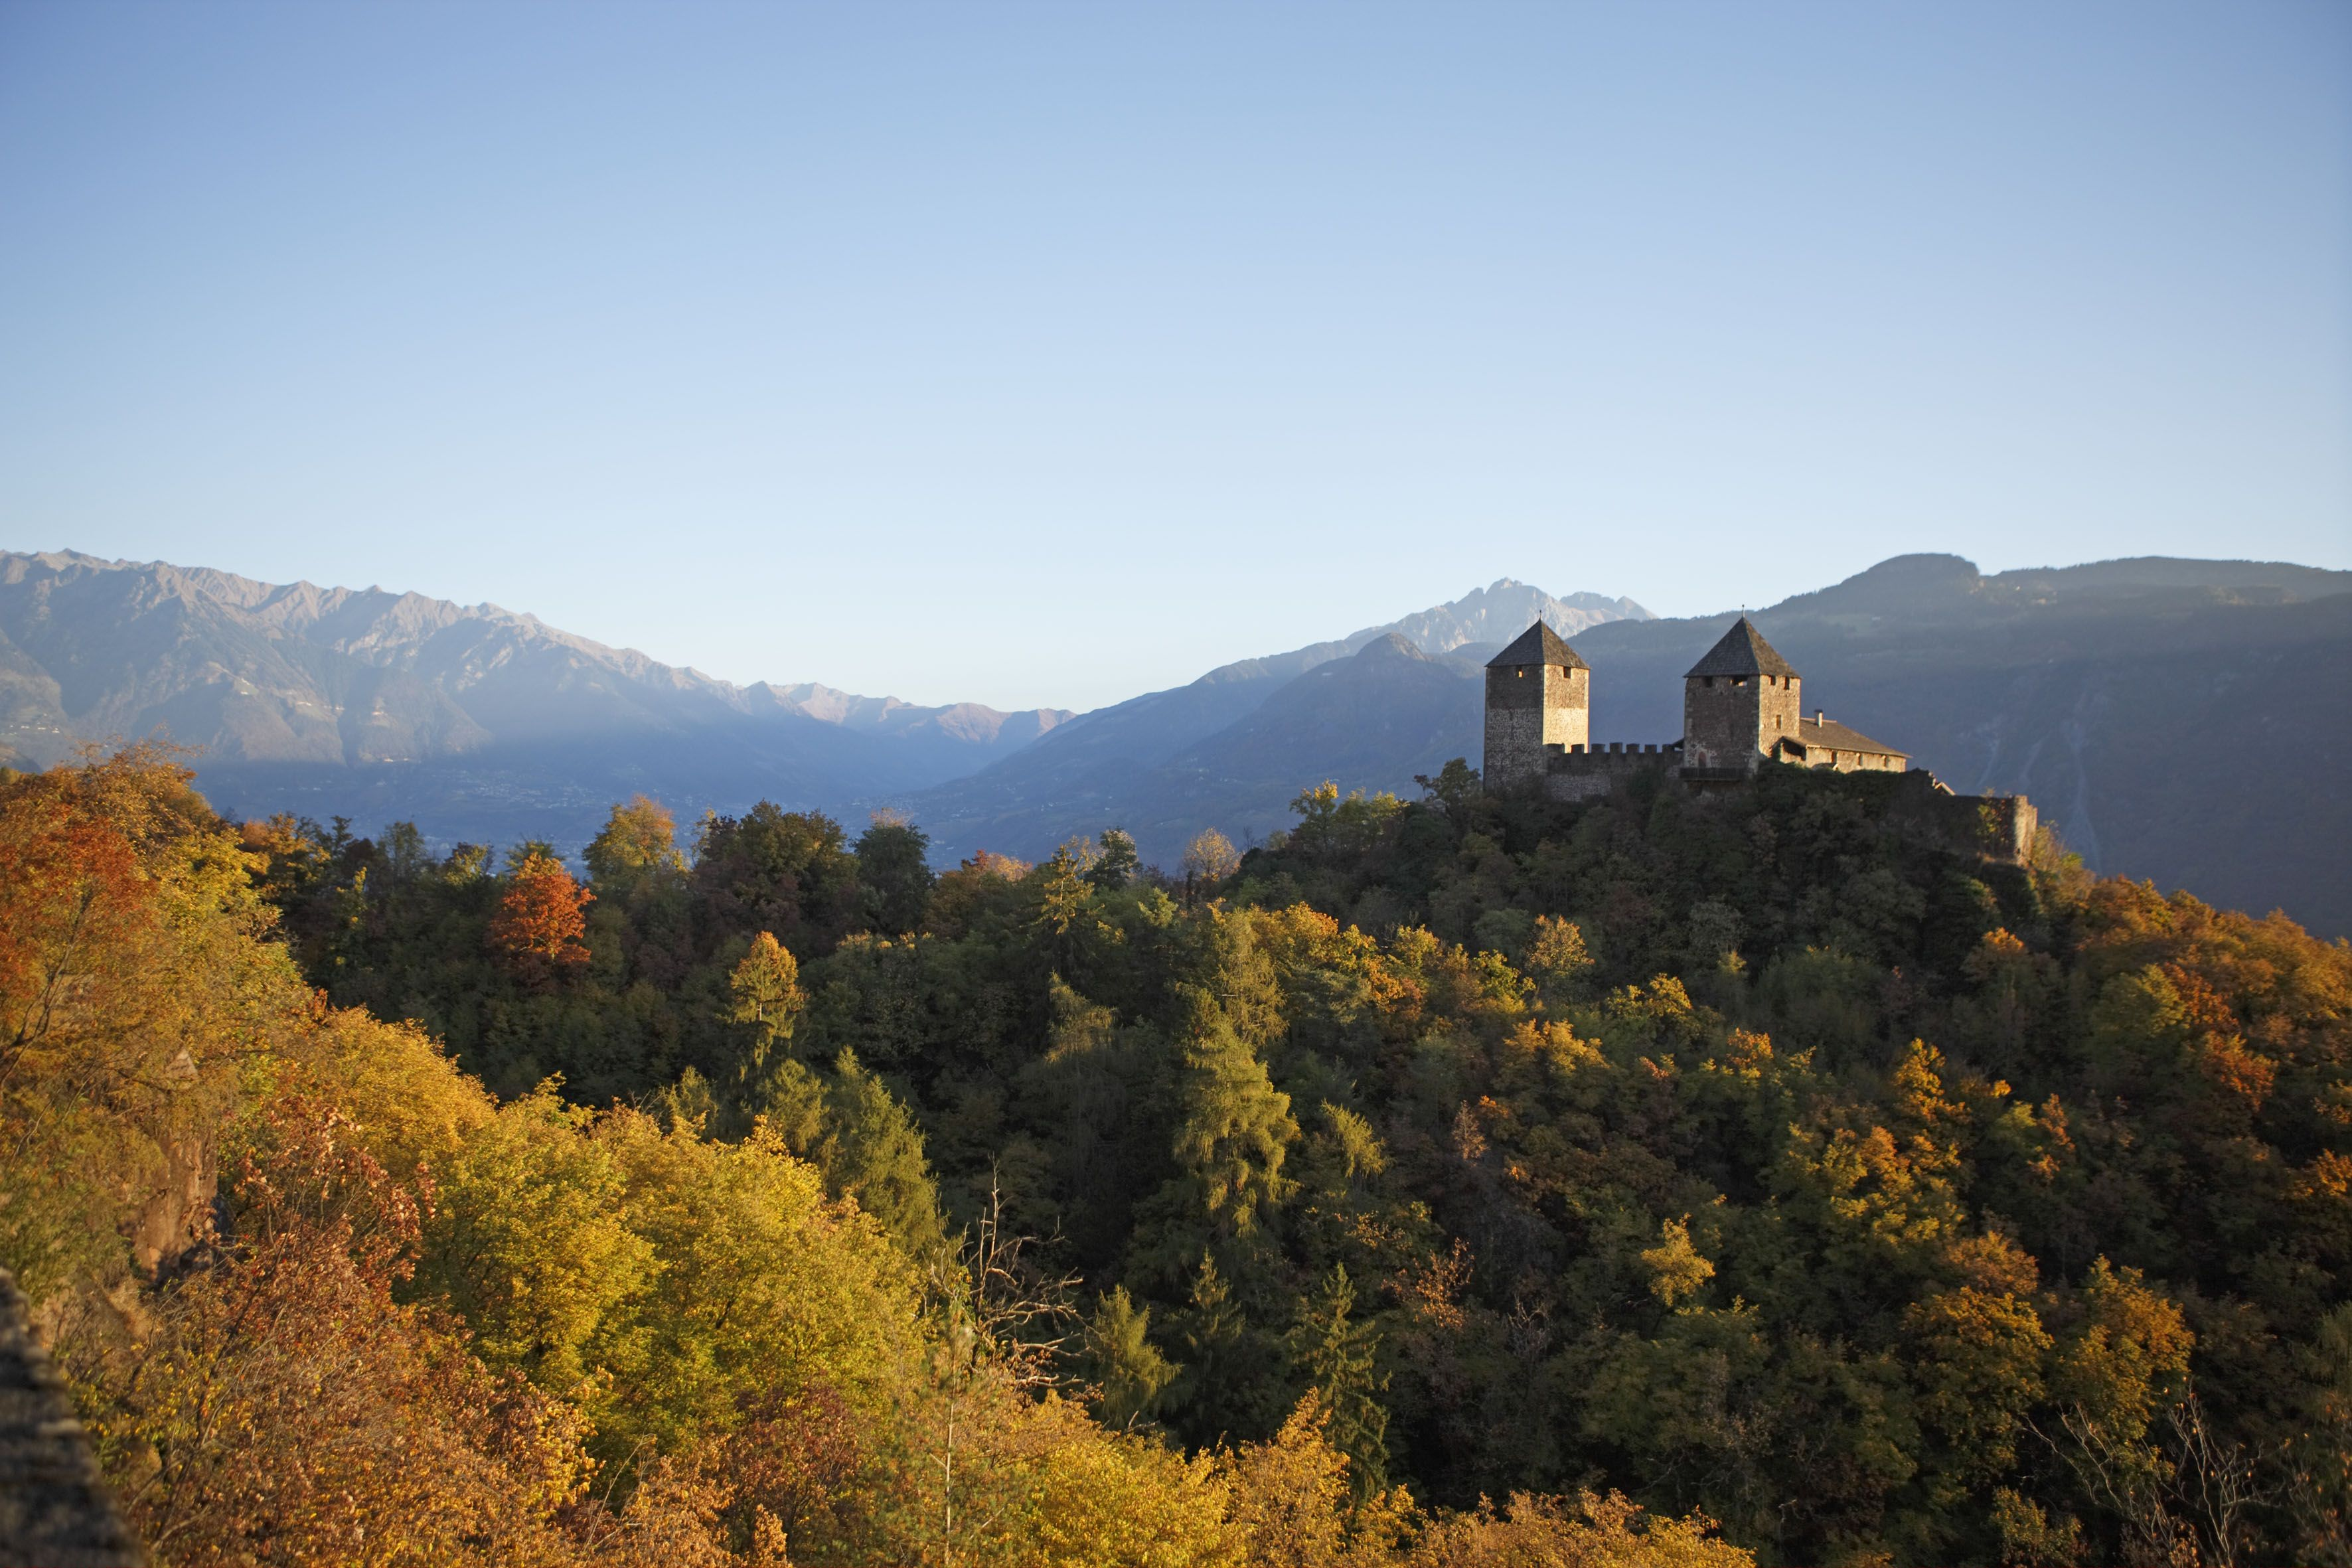 Herbst im  Meraner Land  © Frieder Blickle - Tourismusverein Lana und Umgebung